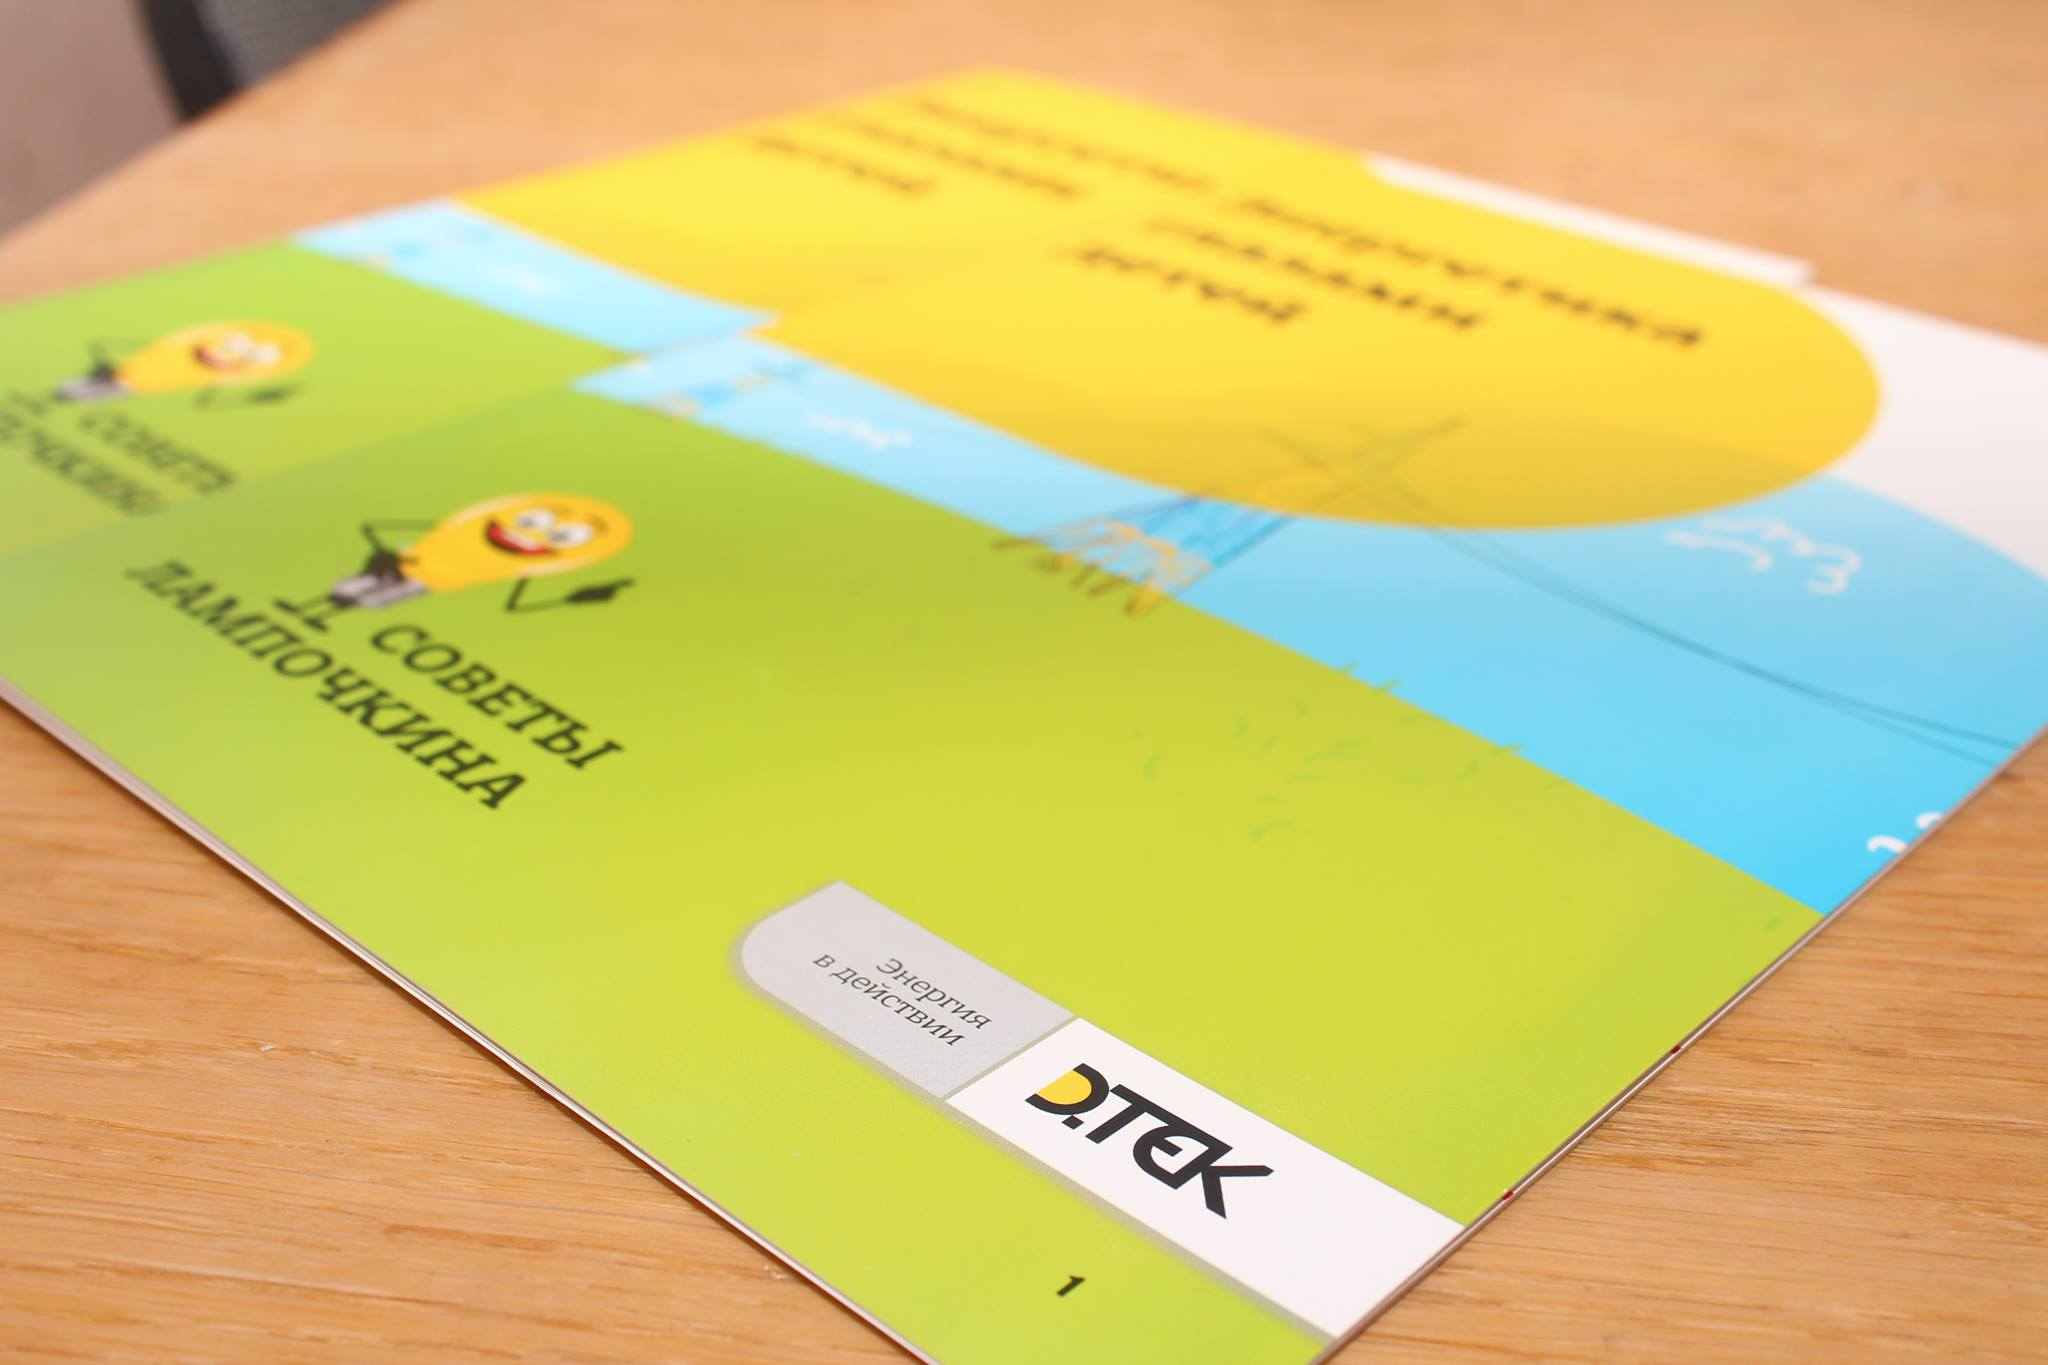 Энергетики распространяют в школах Днепропетровщины учебно-познавательные журналы Советы Лампочкина